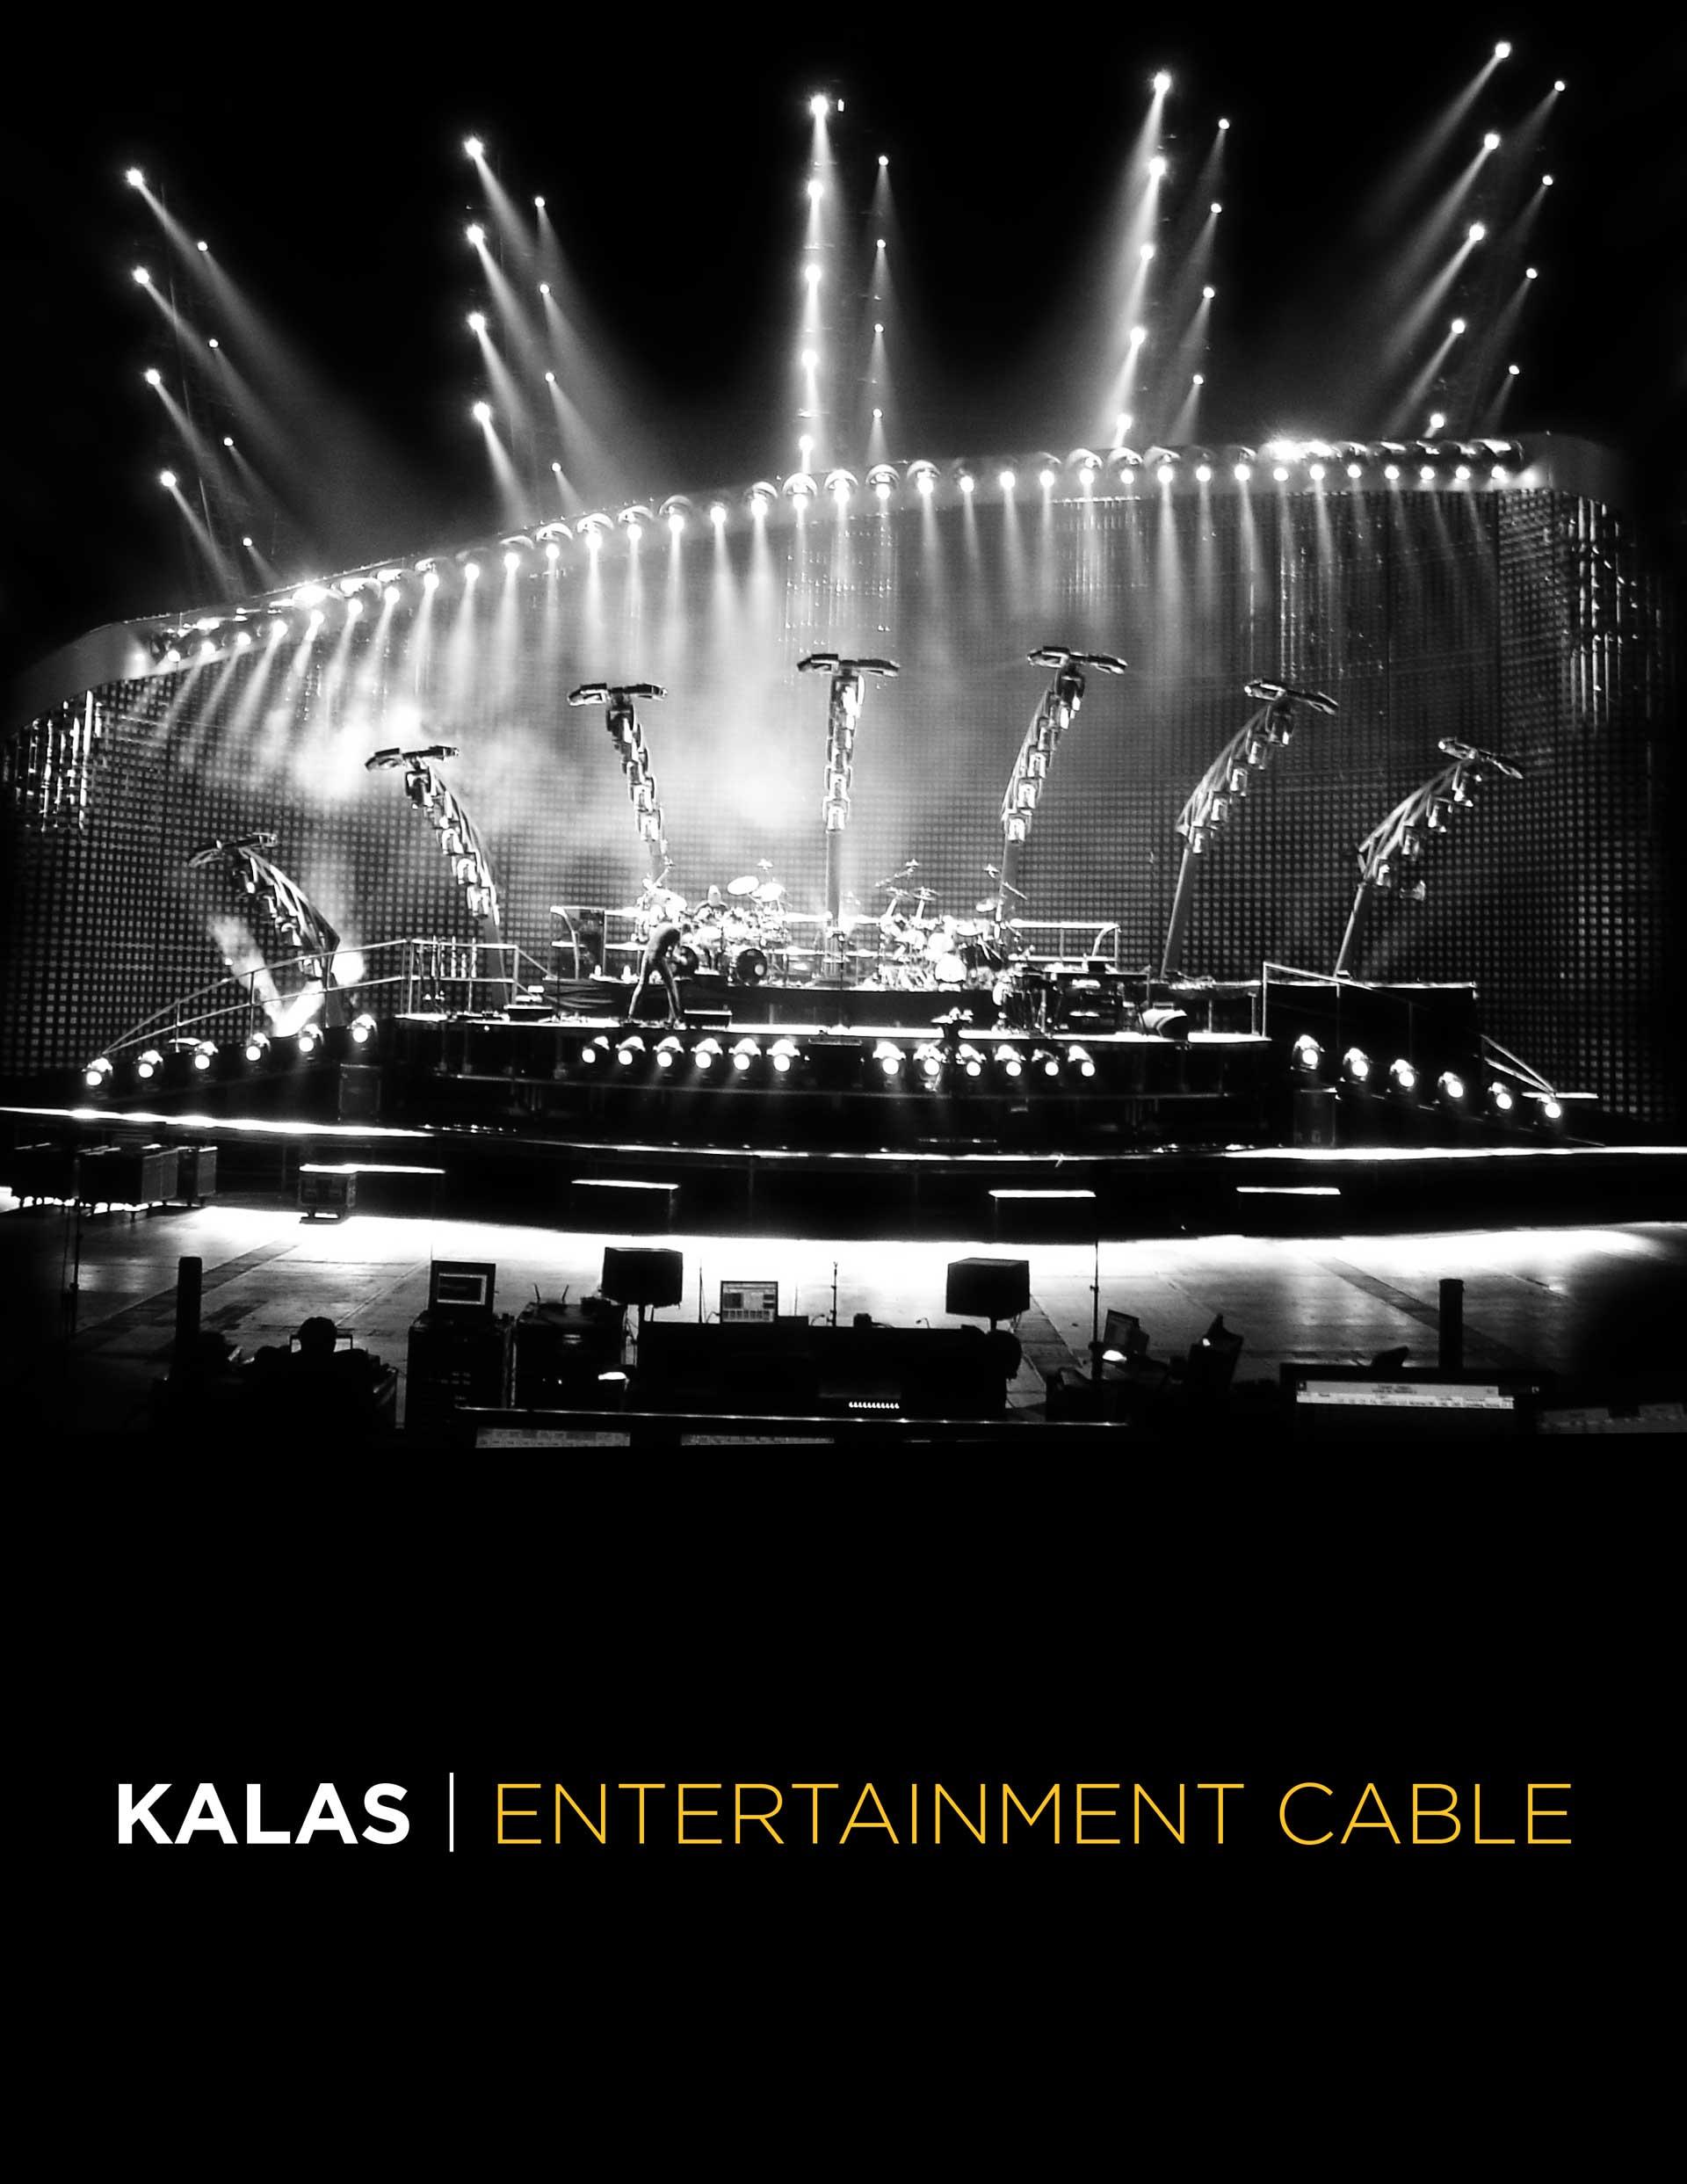 Kalas Entertainment Cable Catalog